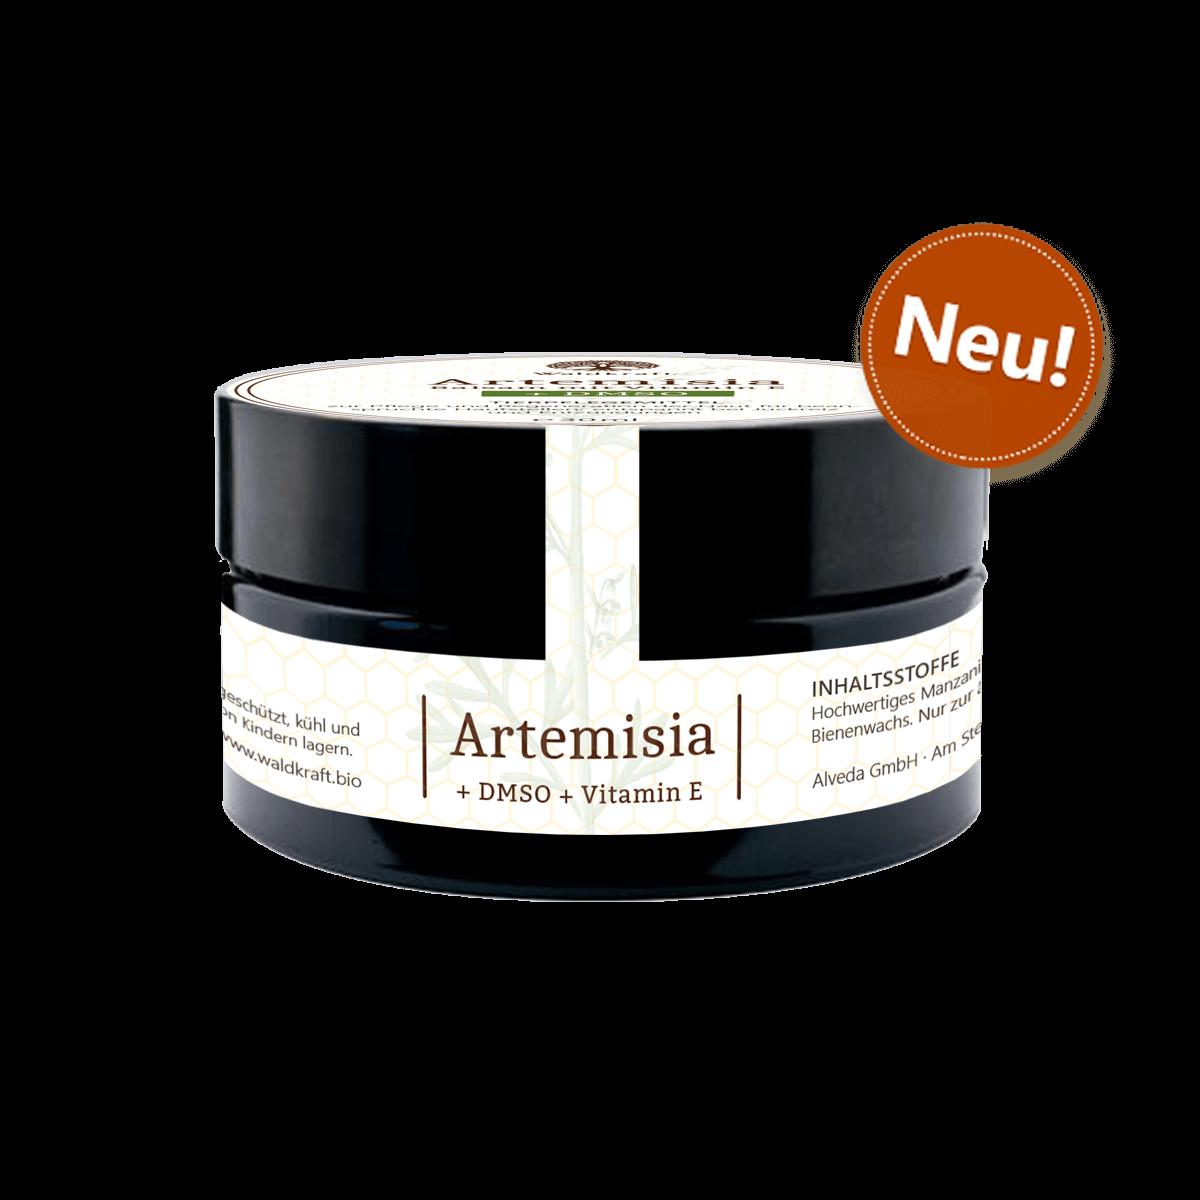 Artemisia-Balsam Haut und Fell